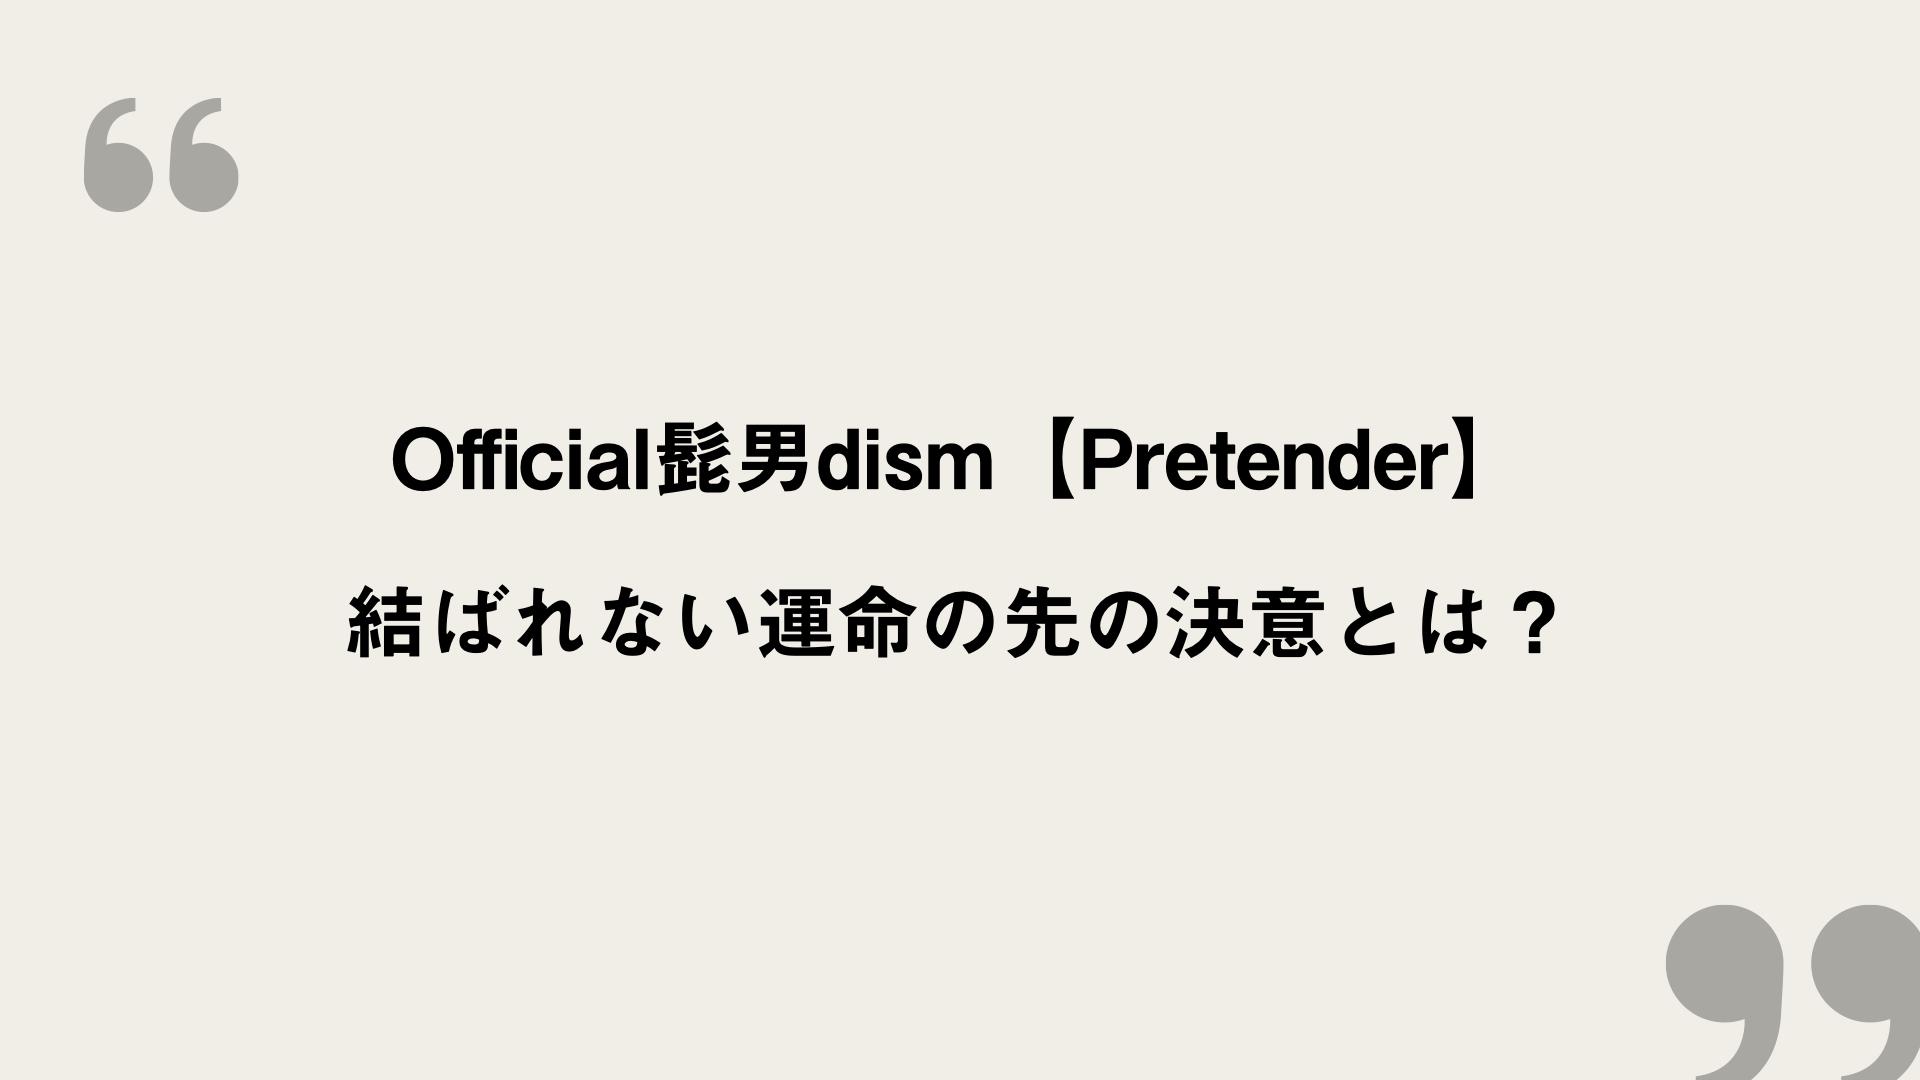 """テンダー 歌詞 意味 プレ """"pretender"""" の意味とは?"""